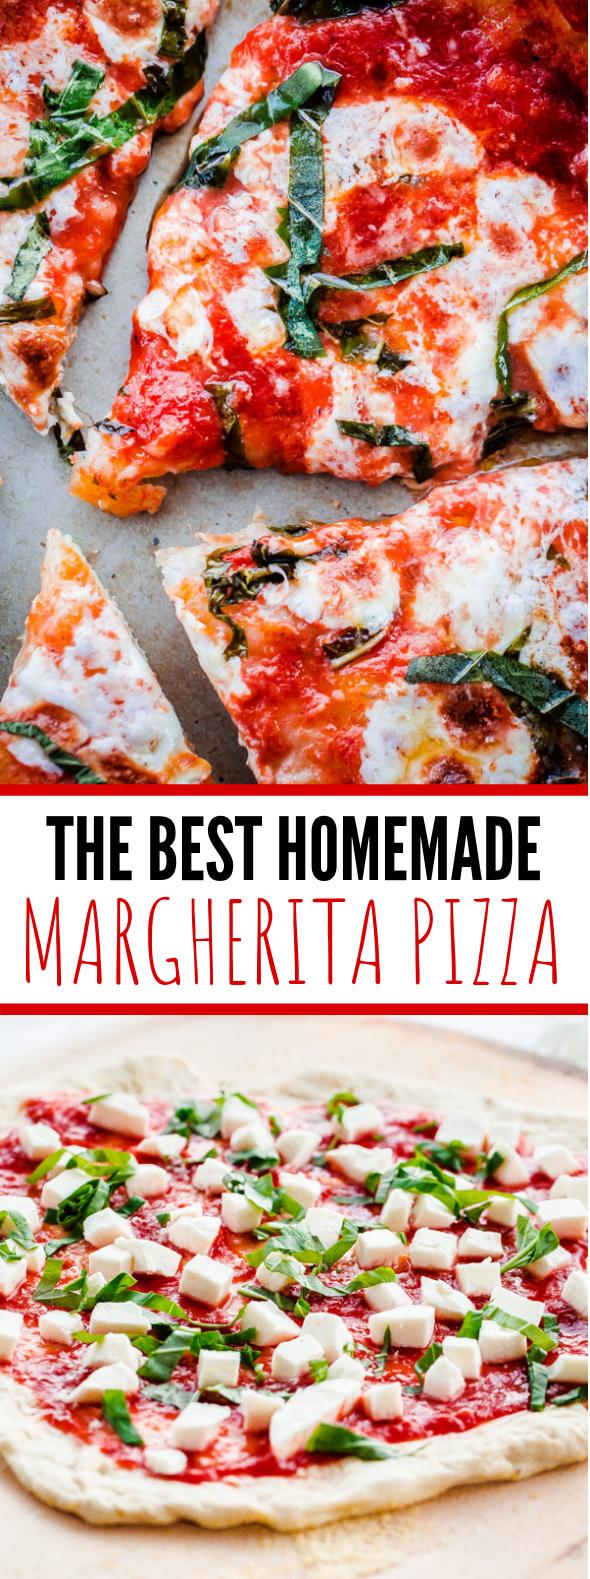 BEST HOMEMADE MARGHERITA PIZZA #dinner #vegetariandinner